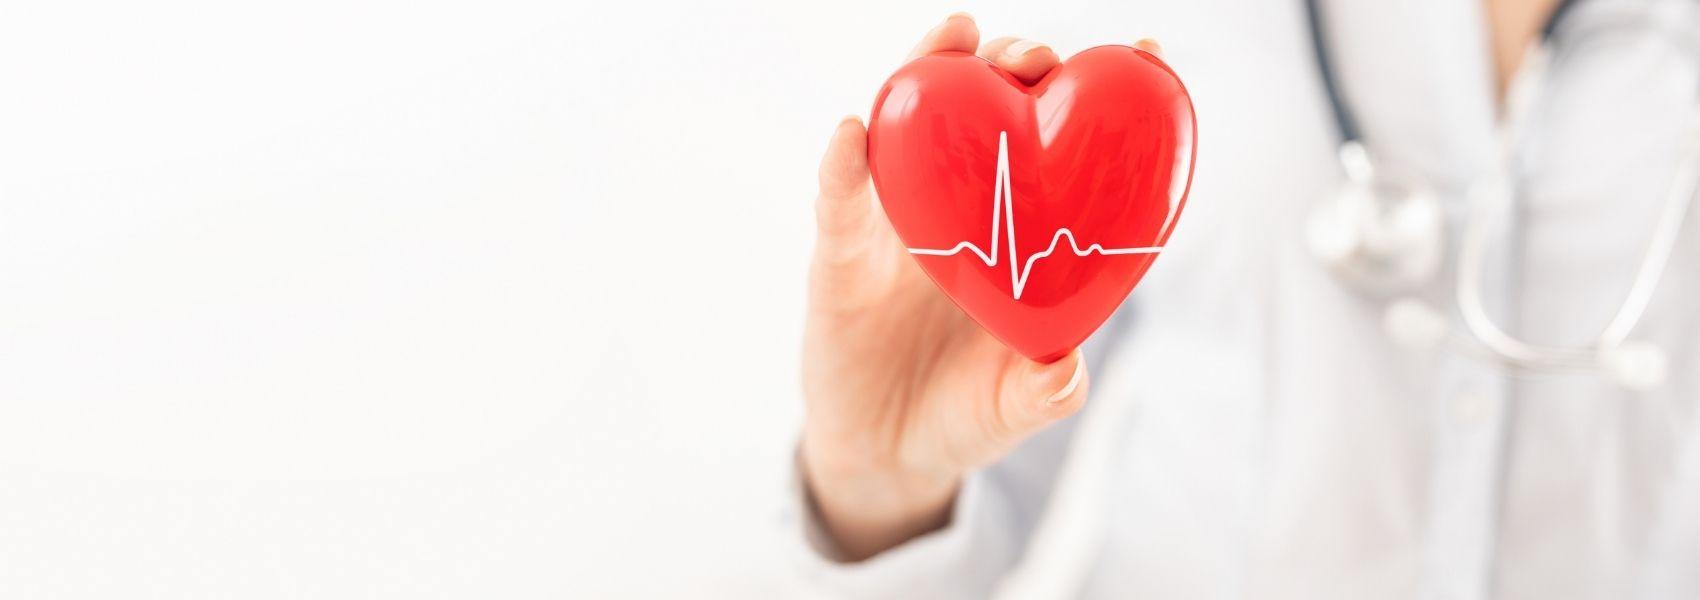 paragem cardíaca